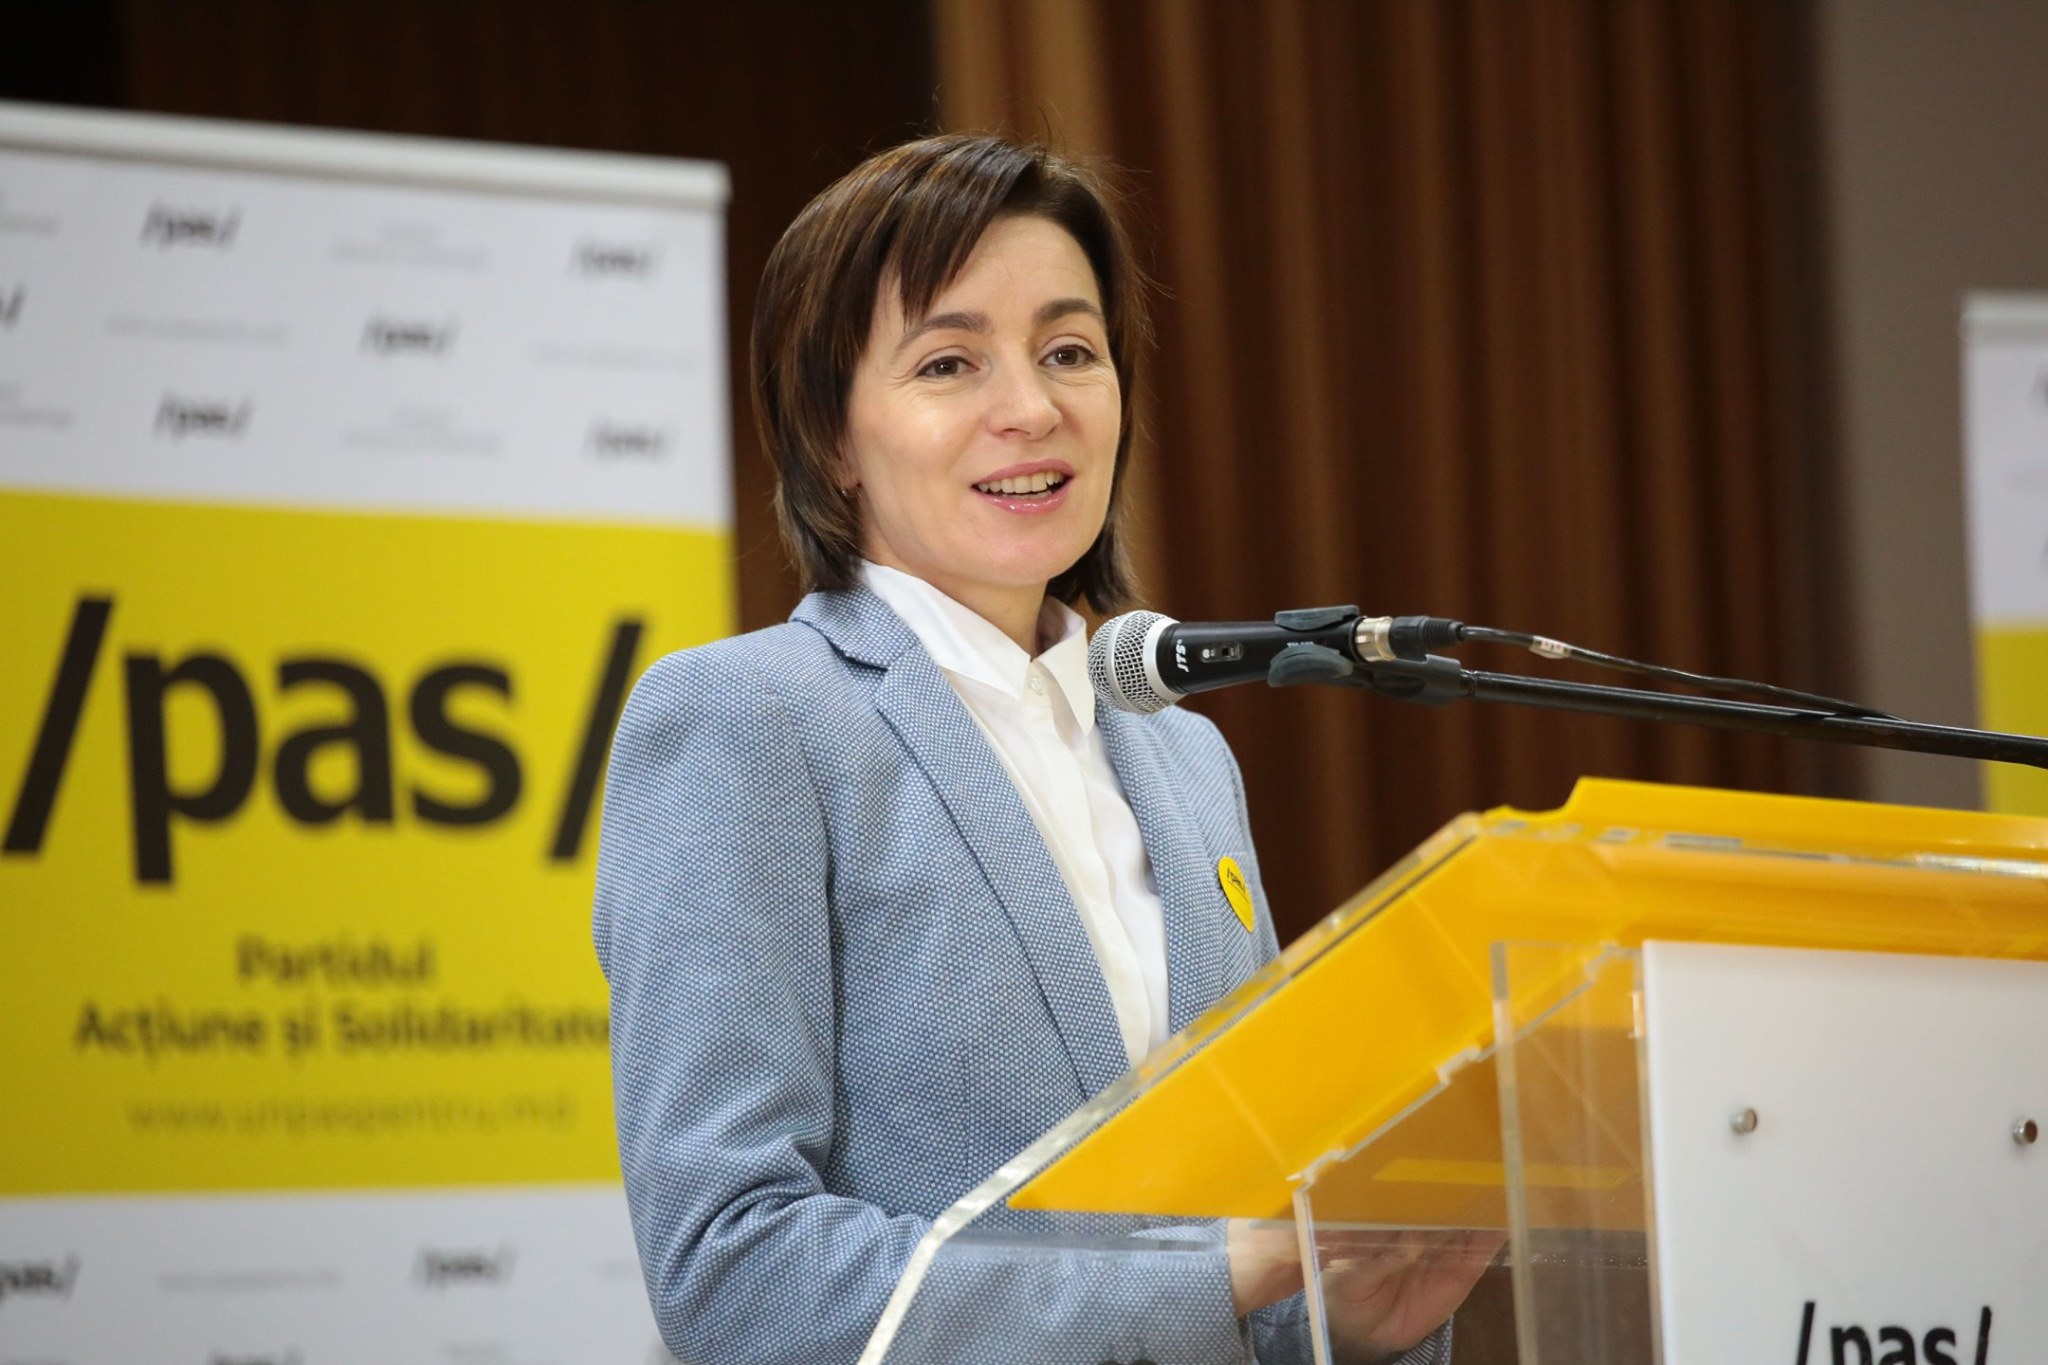 NM i-a întrebat pe Igor Dodon și pe Maia Sandu cum văd Republica Moldova peste 20 de ani. Iată ce răspunsuri au oferit